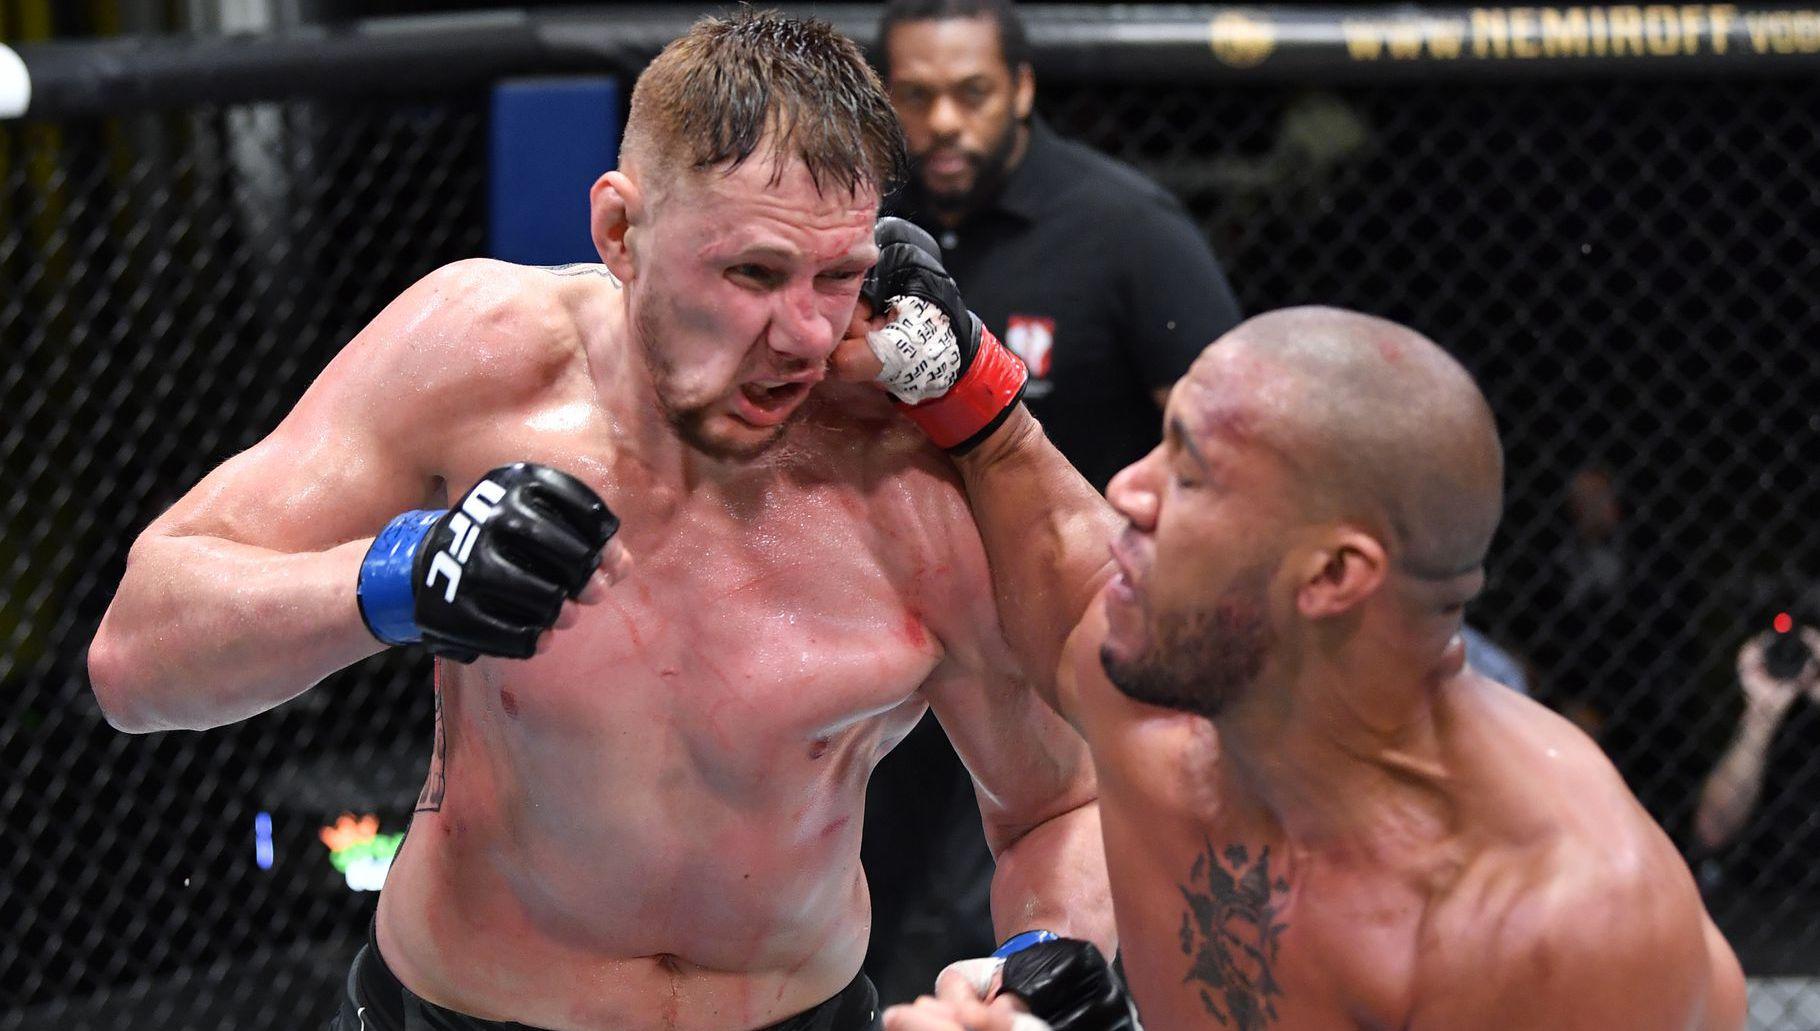 У России не будет нового чемпиона UFC? Александр Волков проиграл главный бой в карьере - фото